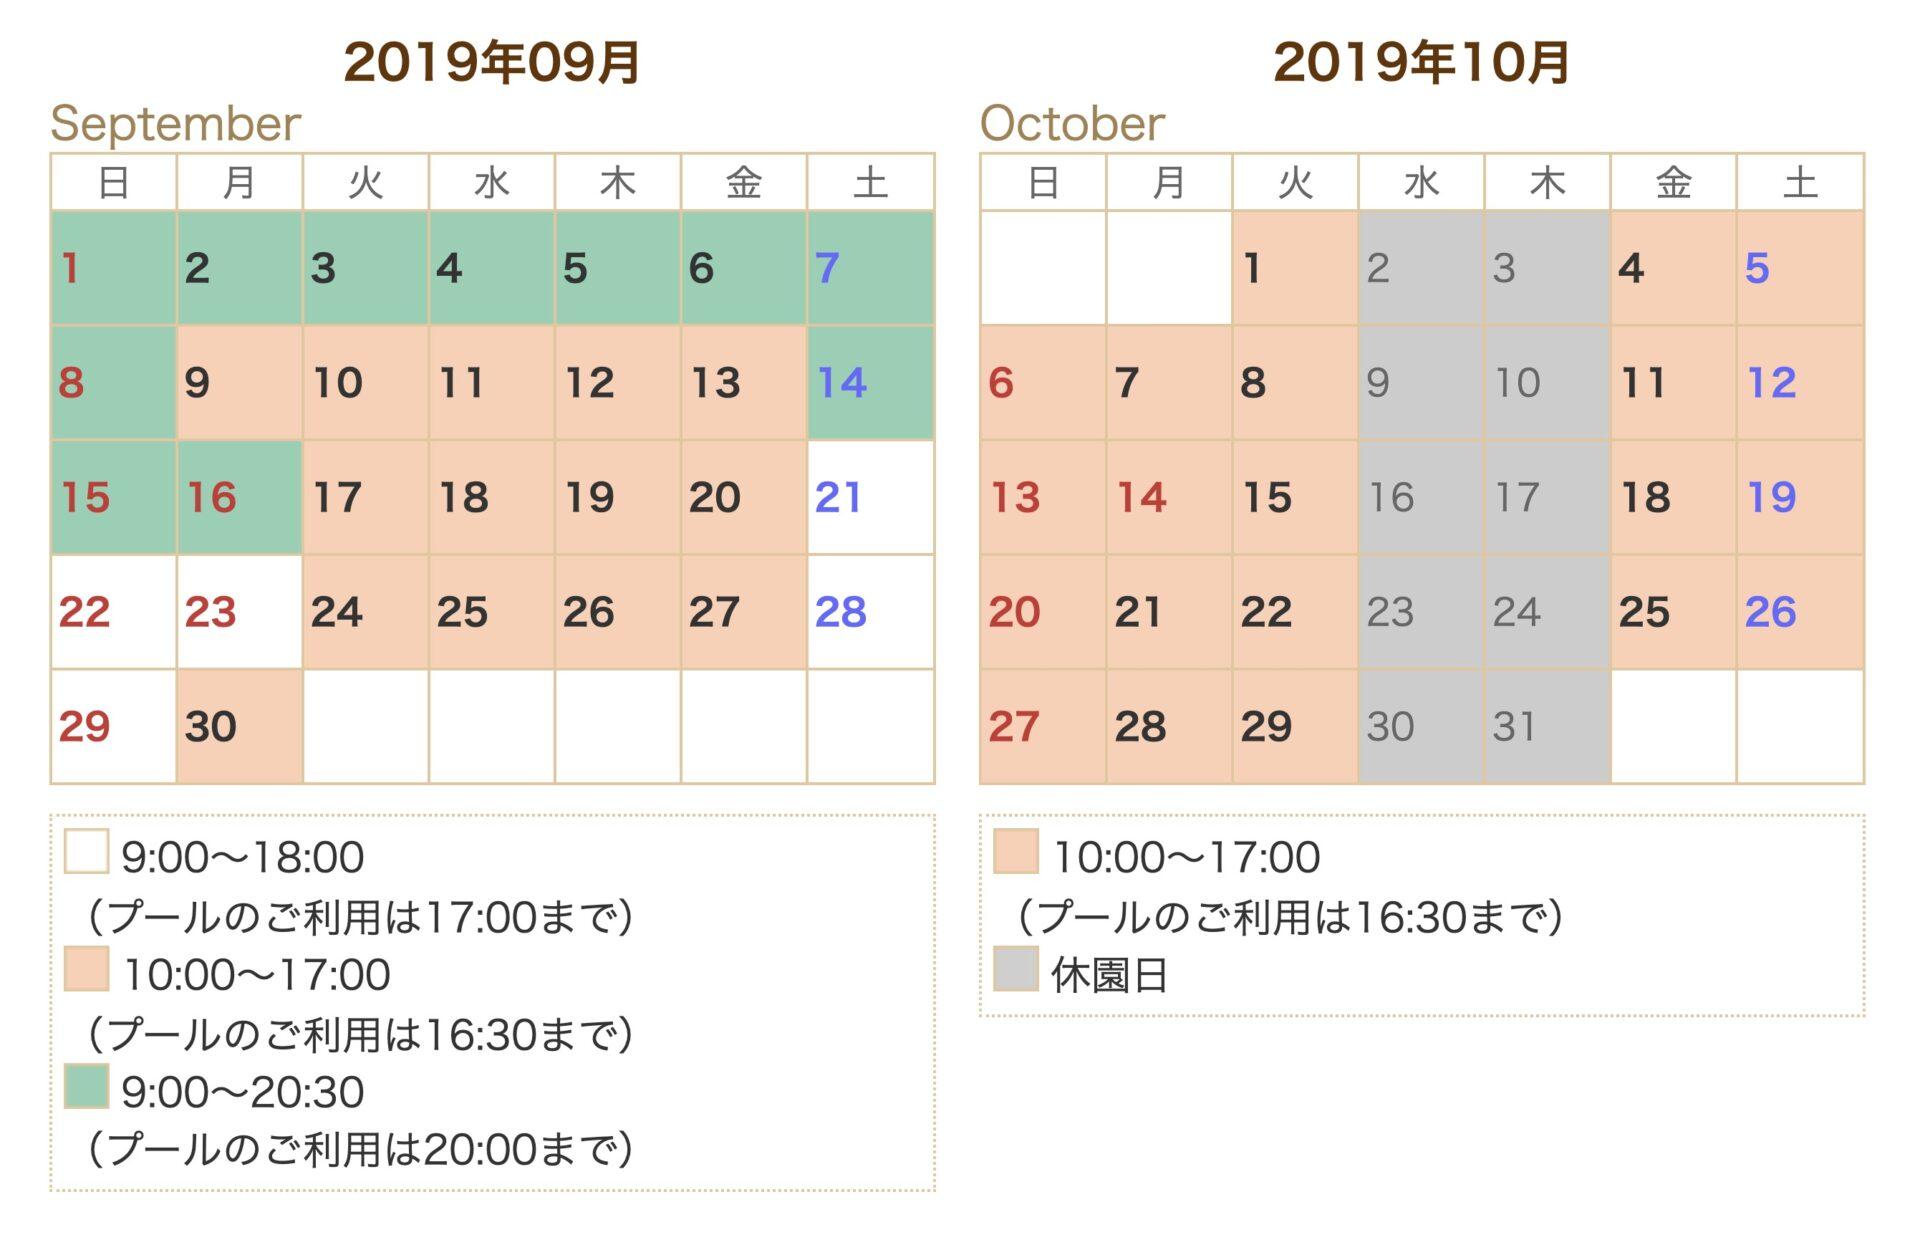 東京サマーランド9月10月